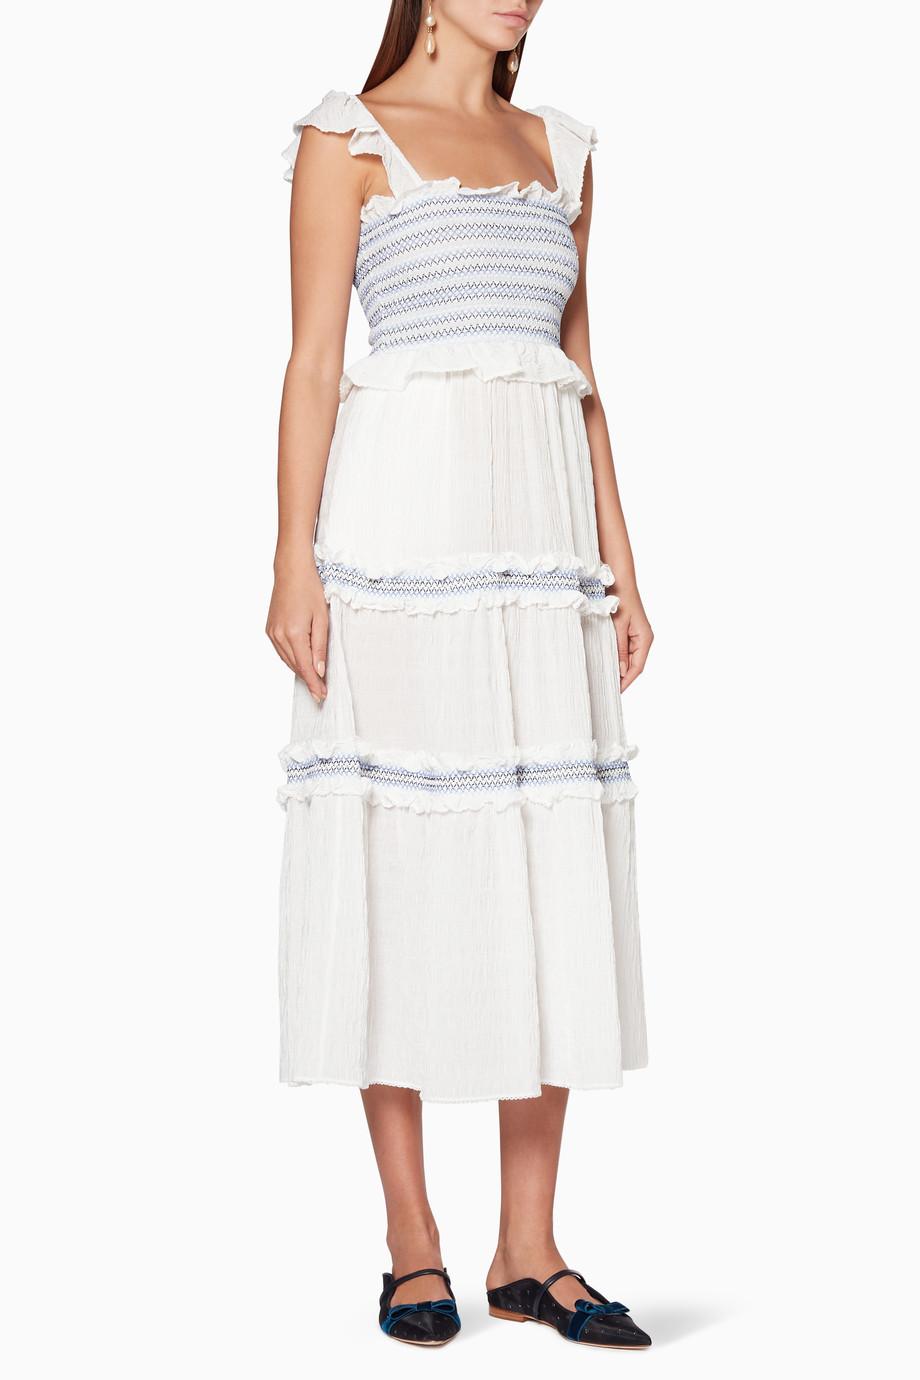 684c36d59c Shop Jonathan Simkhai White White Smocked Tier Dress for Women ...